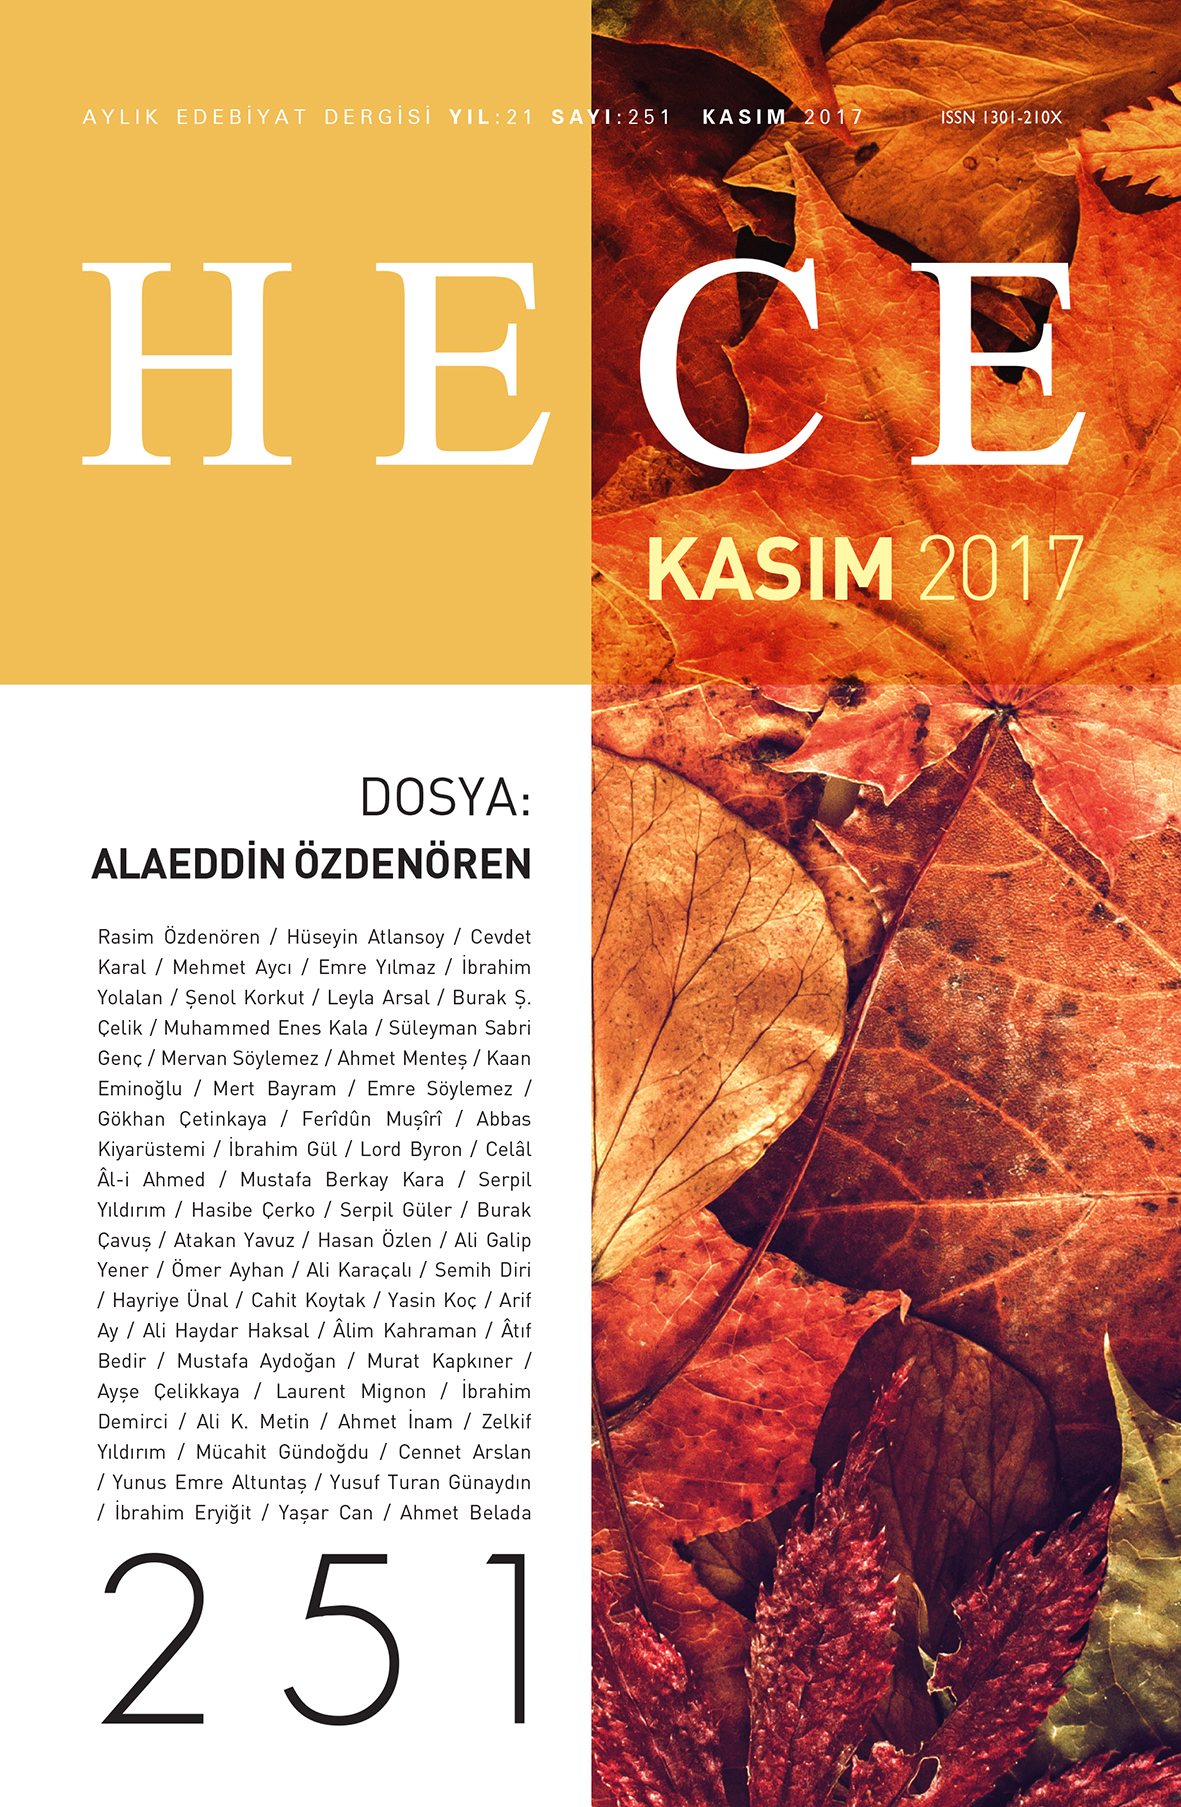 HECE Dergisi Kasım Sayısı Çıktı!